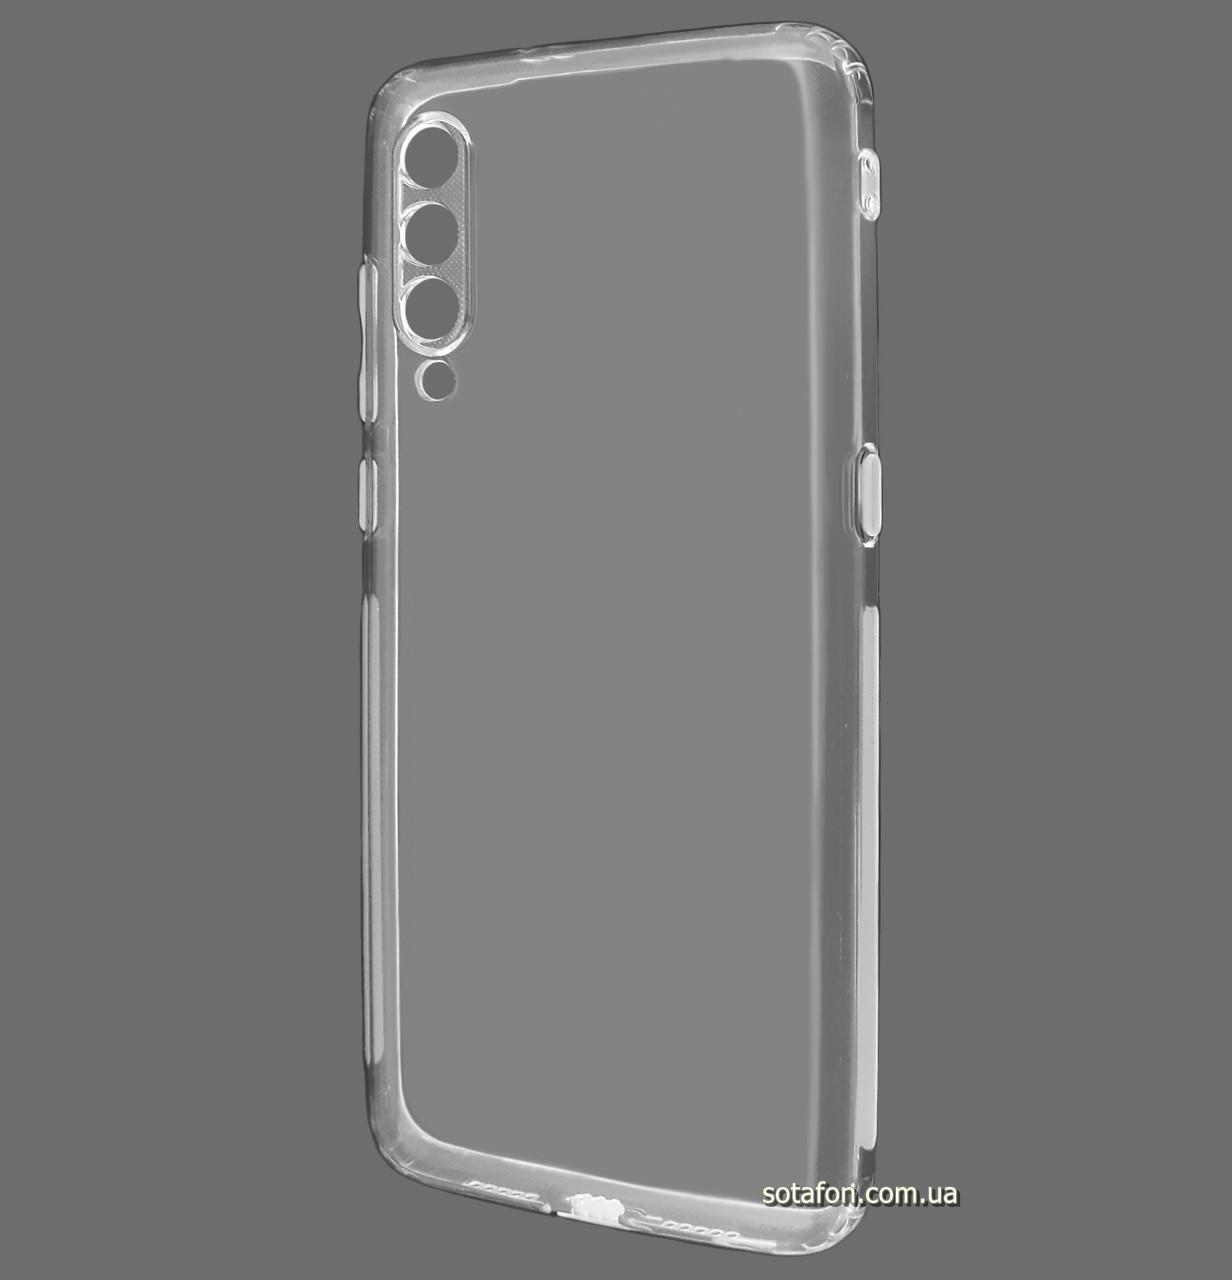 Силиконовый чехол KST Ultra-thin для Xiaomi Mi 9 Clean Grid Transparent